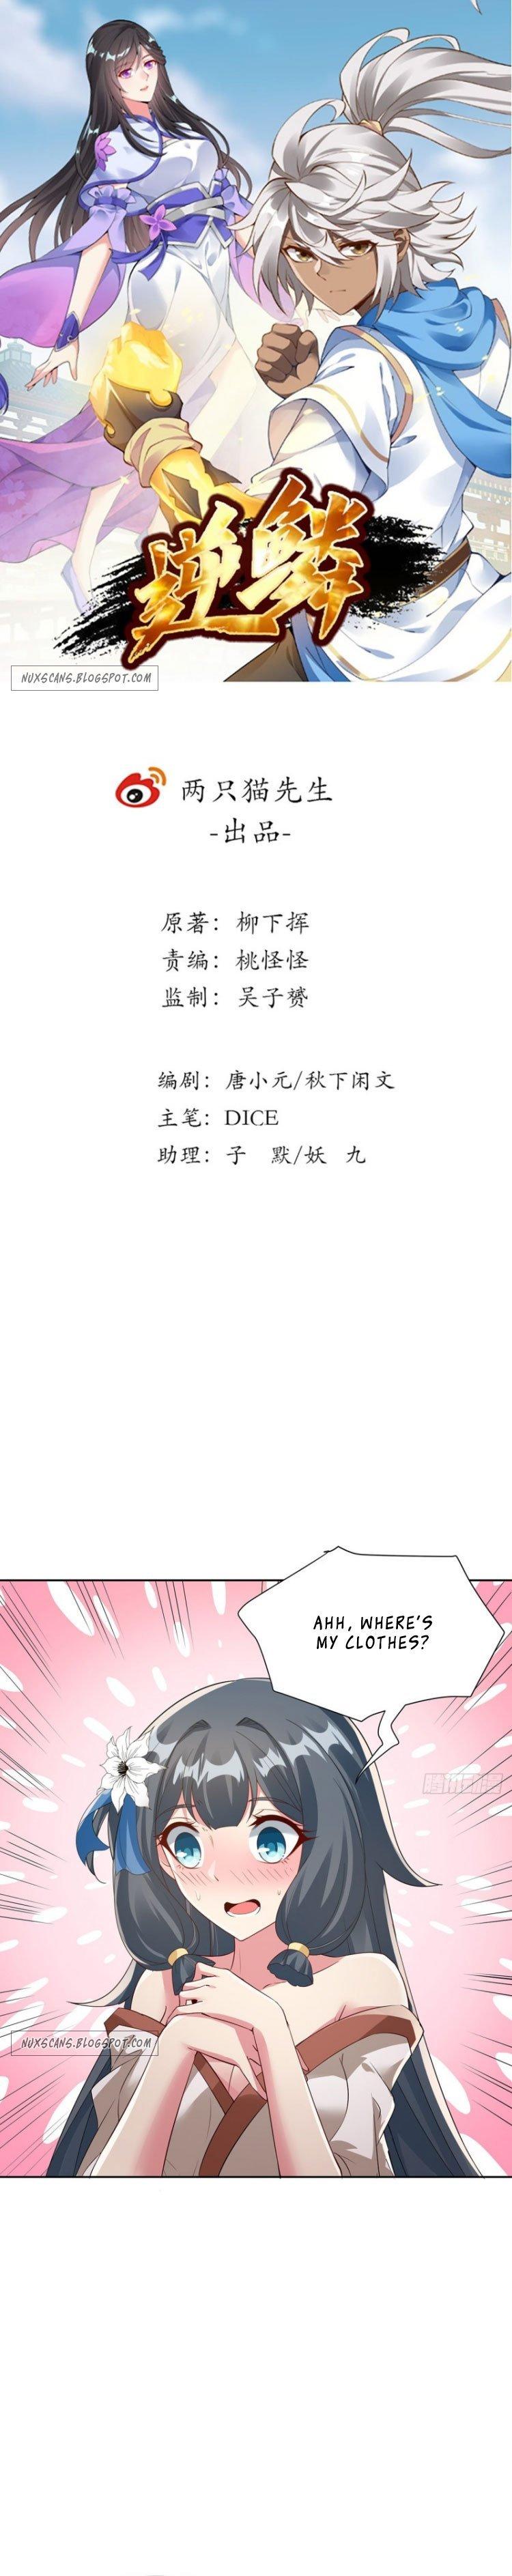 Manga Inverse Scale - Chapter 111 Page 1